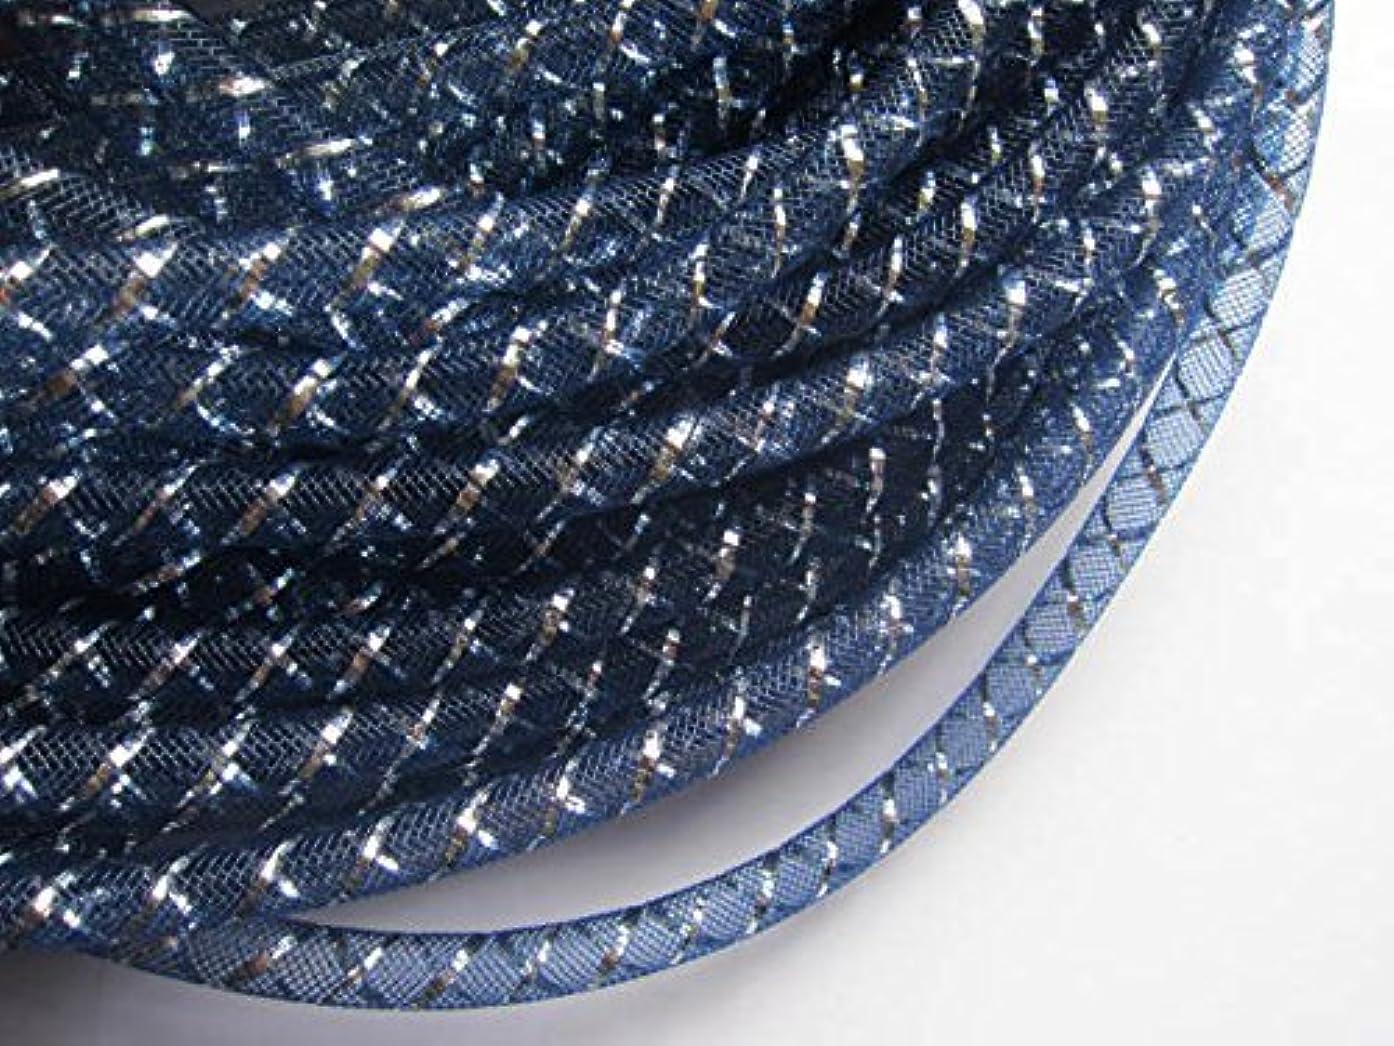 YYCRAFT 15 Yards Solid Mesh Tube Deco Flex for Wreaths Cyberlox Crin Crafts 8mm 3/8-Inch (Navy)